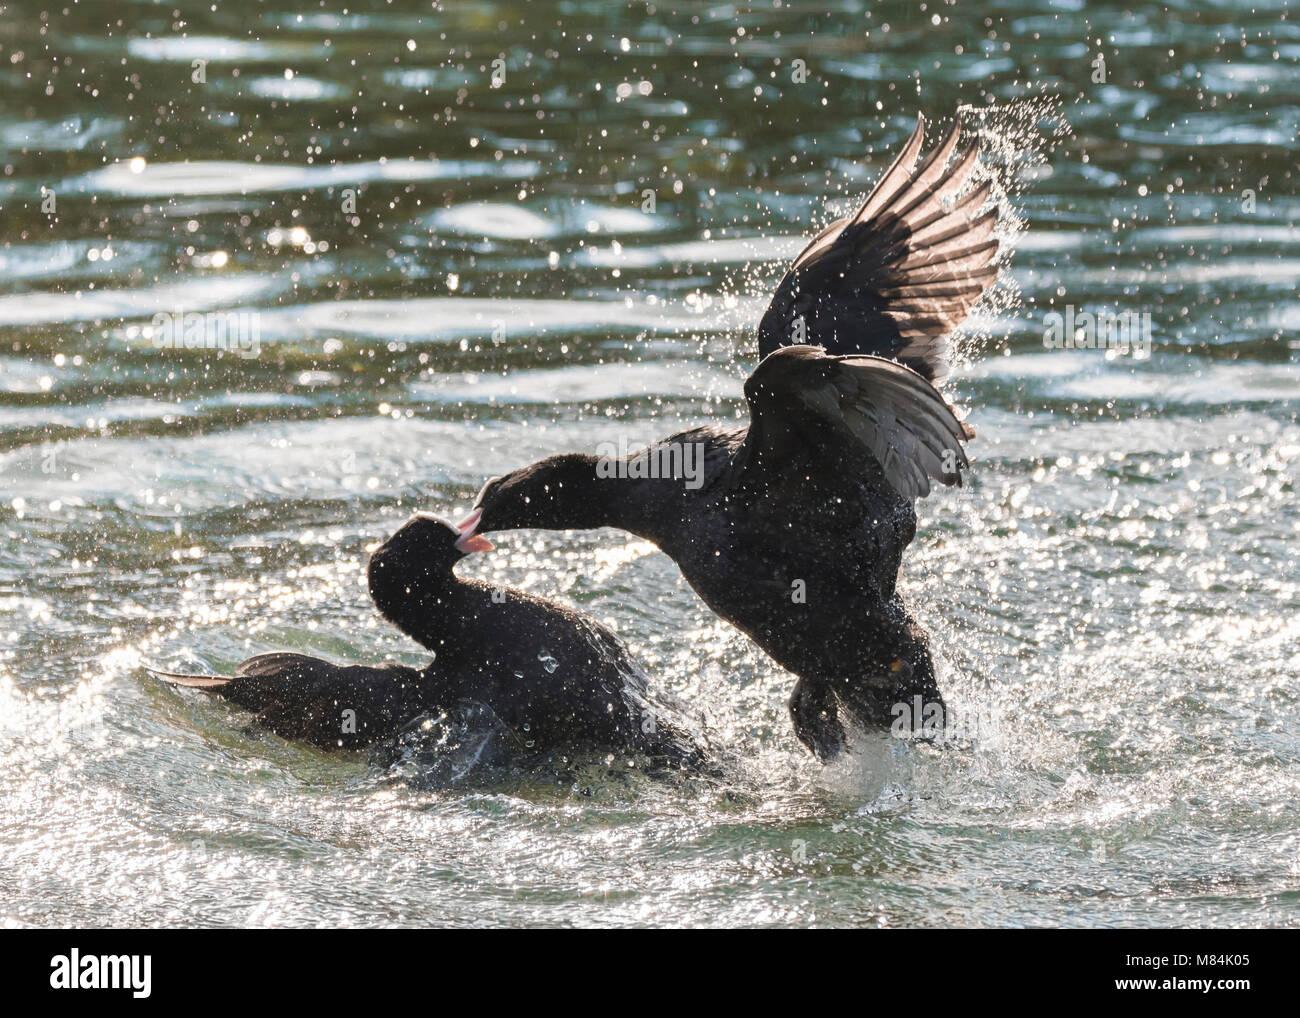 Paar eurasischen Blässhuhn (Fulica atra) in Wasser in einer Konfrontation, in einem Kampf in einem See in Großbritannien. Stockbild